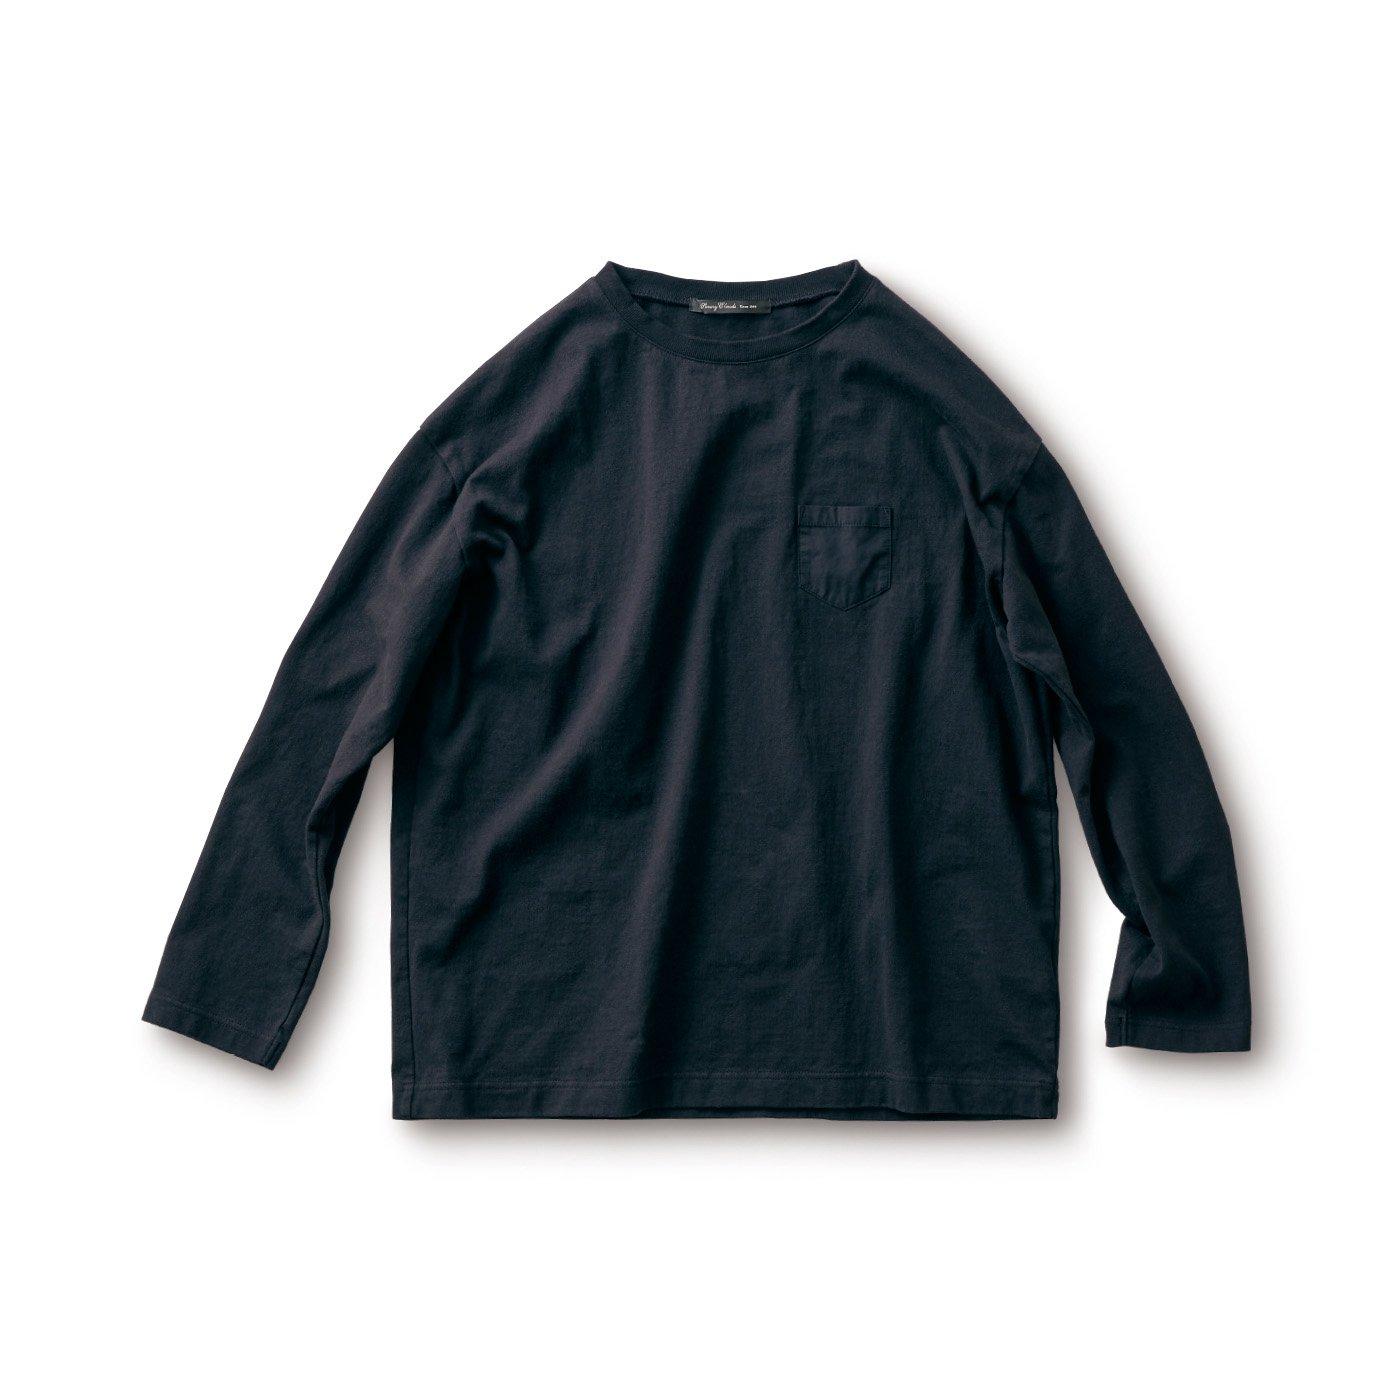 サニークラウズ すそから長袖Tシャツ〈メンズ〉黒